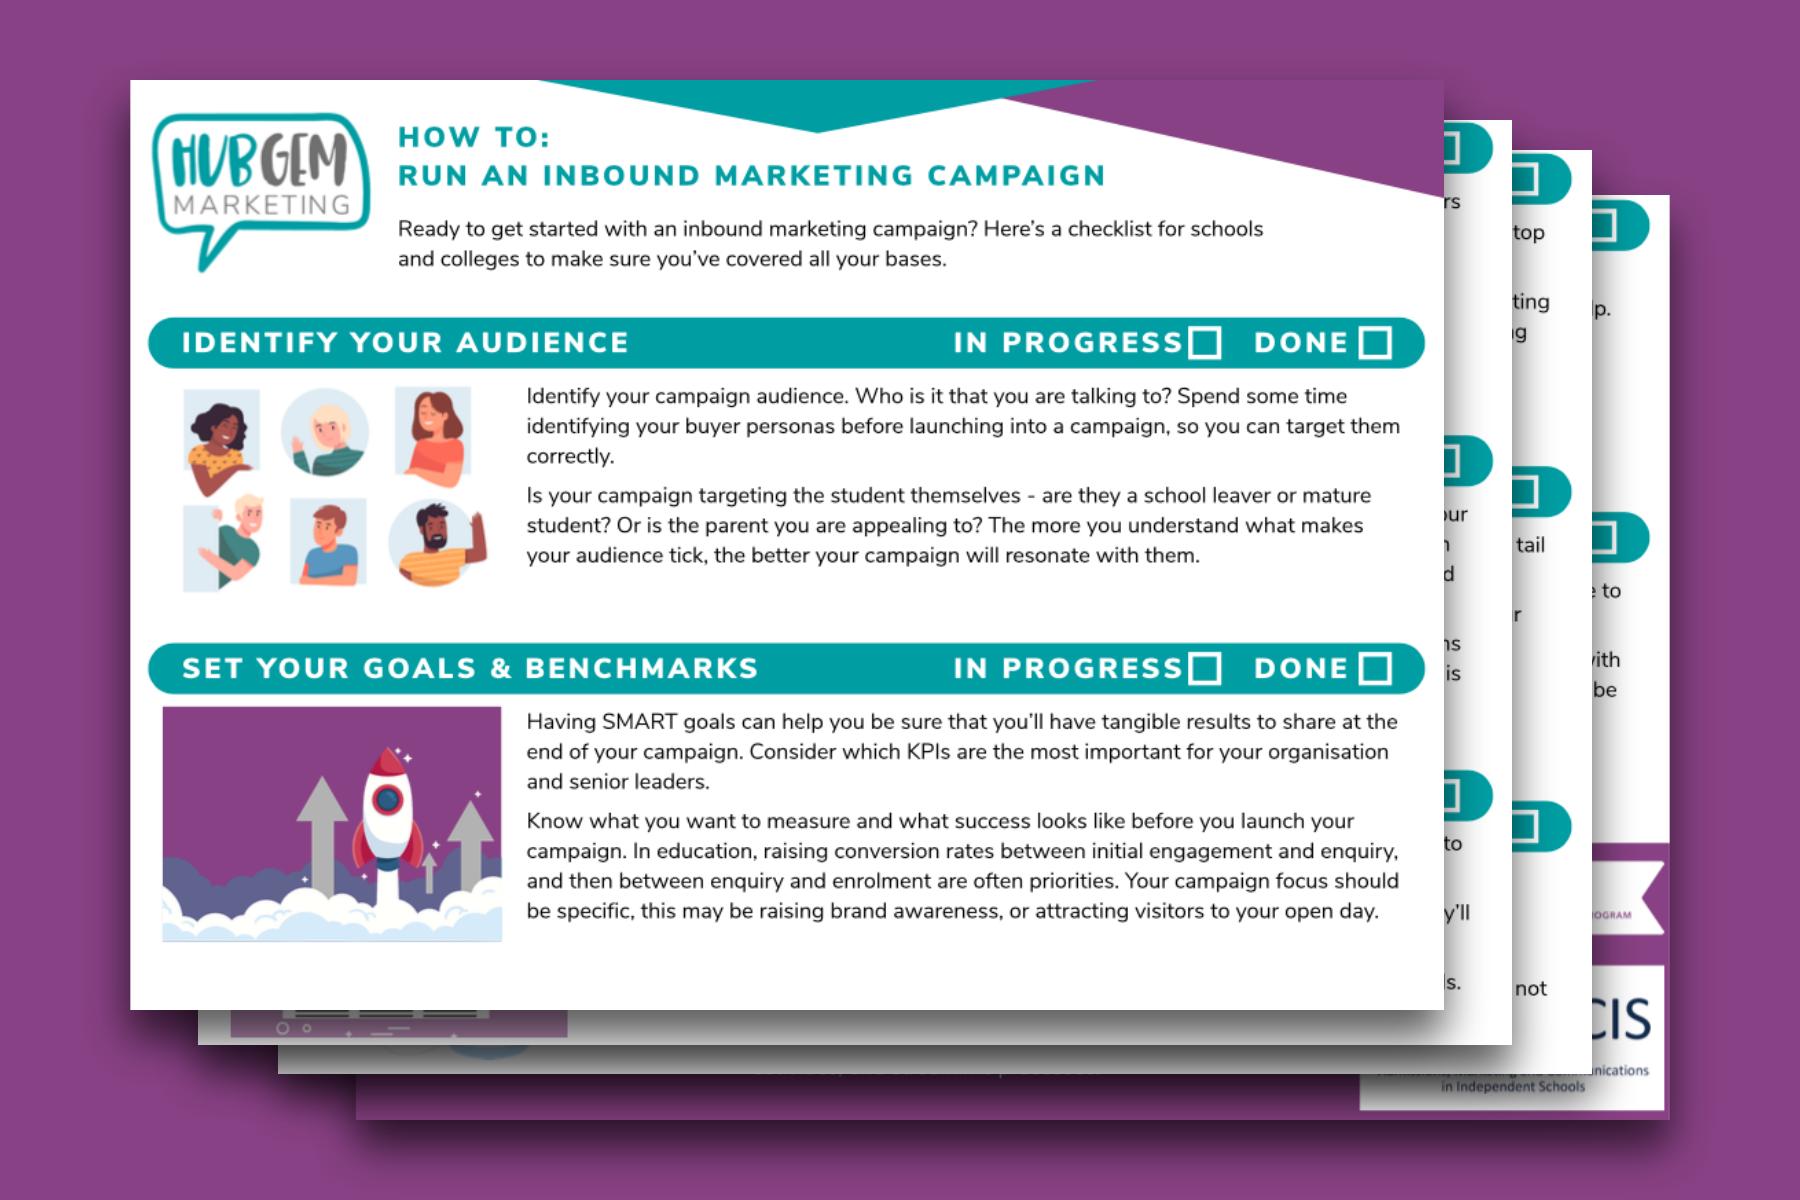 Inbound marketing checklist - image